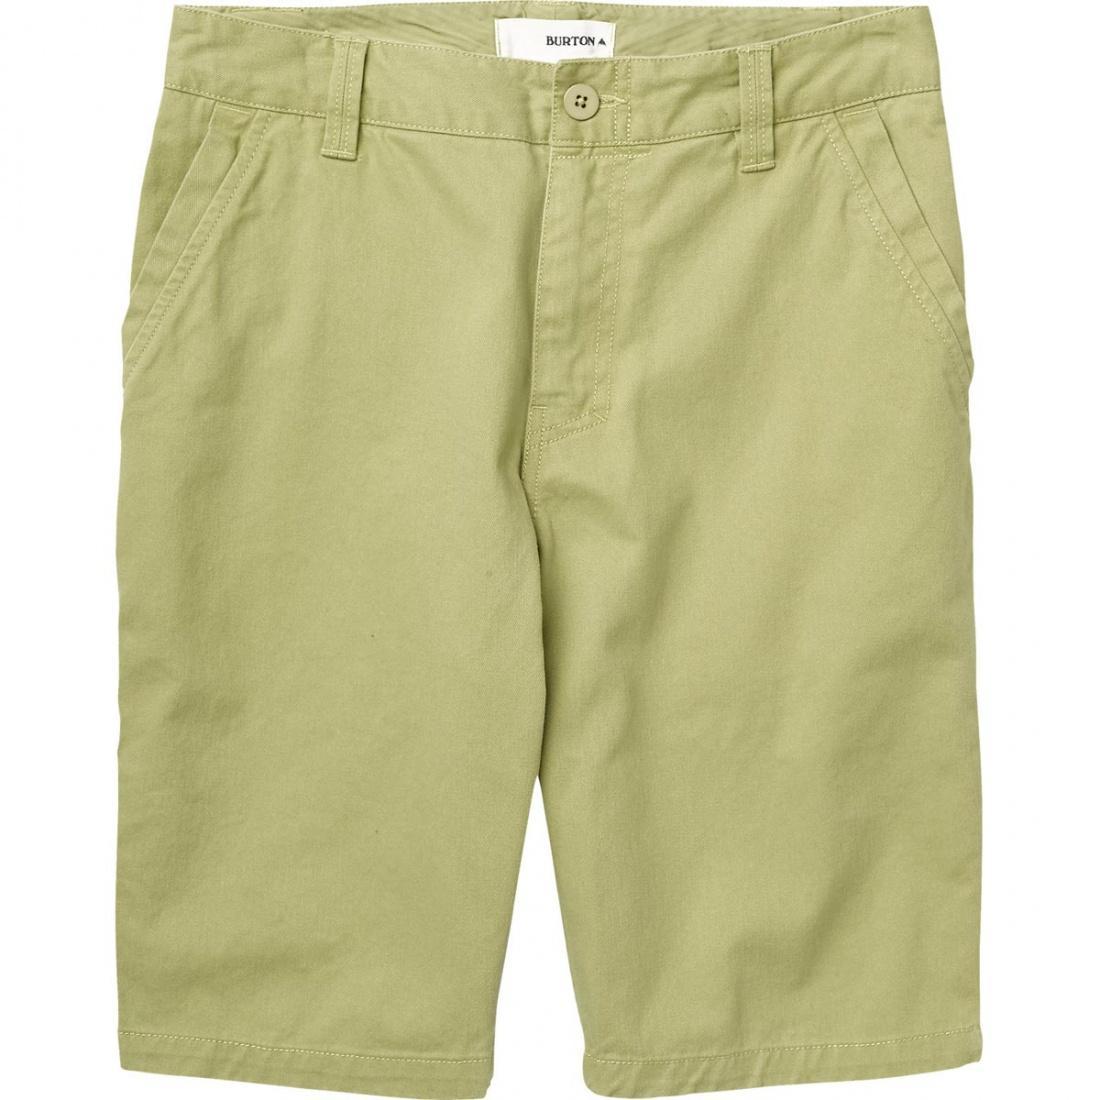 Шорты MNS CHILL SHORTШорты, бриджи<br>Эти шорты созданы специально для расслабленного времяпрепровождения на летних пикниках и музыкальных фестивалях под открытым небом.<br> &lt;b...<br><br>Цвет: Бежевый<br>Размер: 36